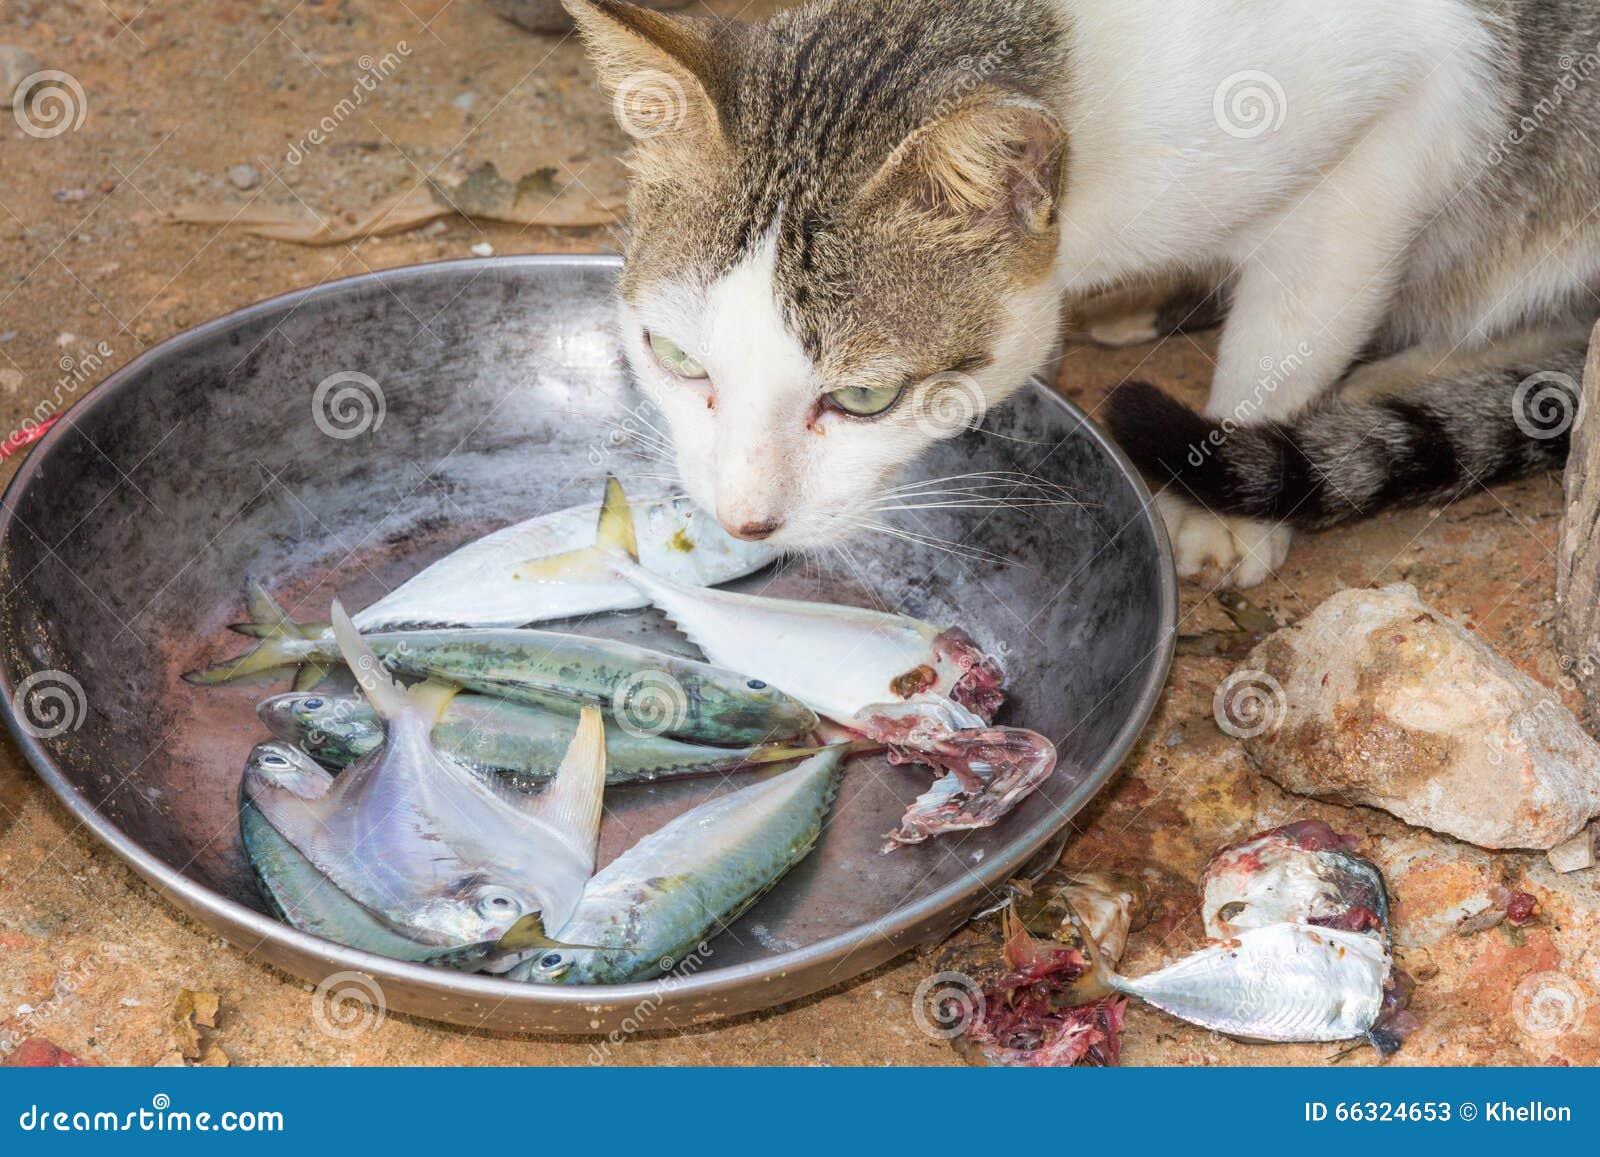 Gatto Che Mangia I Pesci Immagine Stock Immagine Di Consumo 66324653